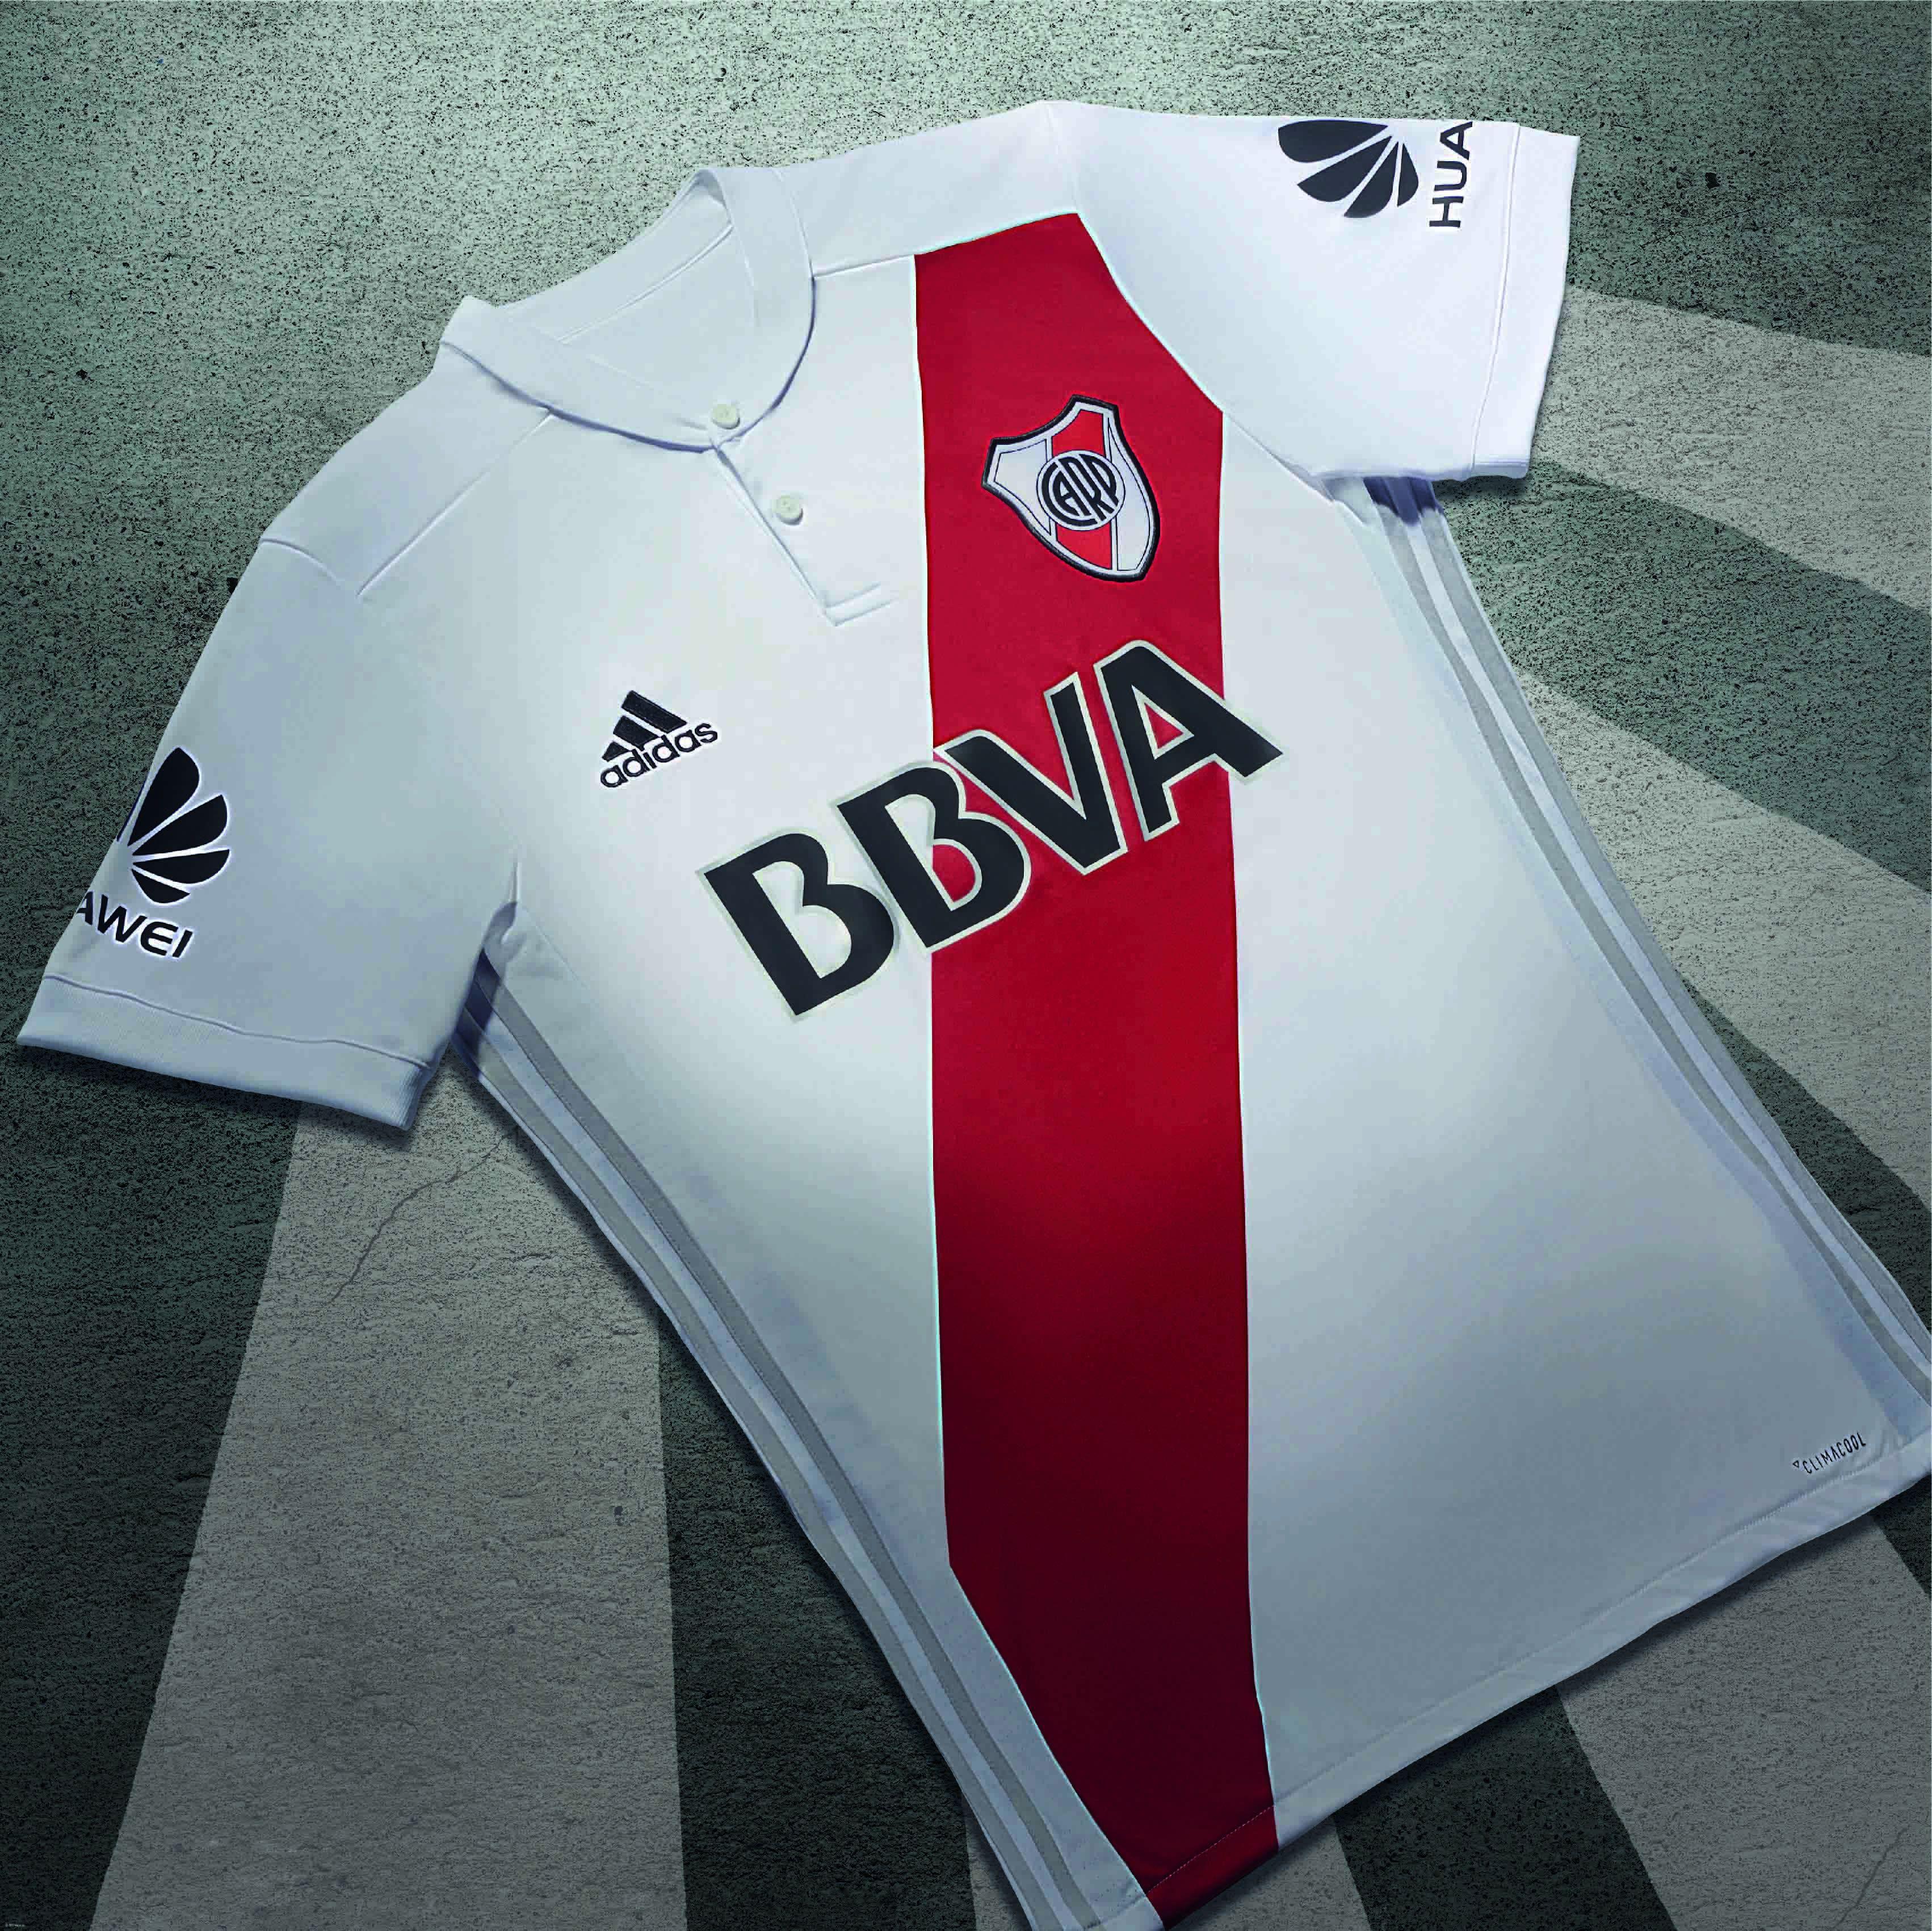 La nueva camiseta está inspirada en La Máquina de River